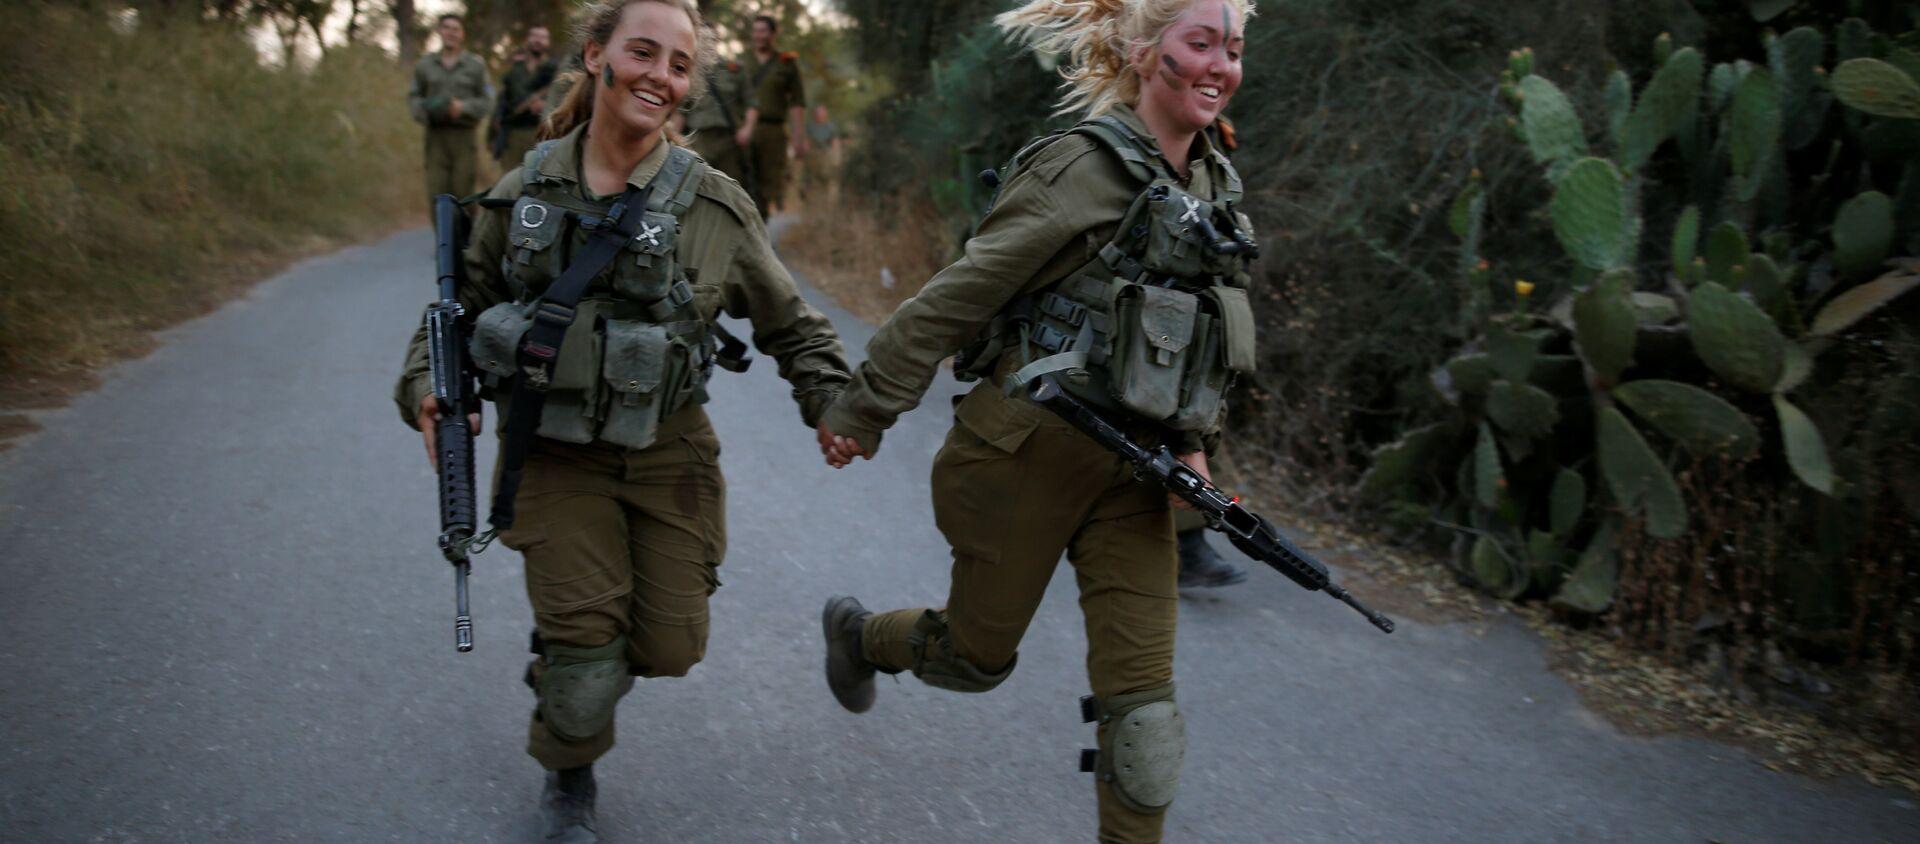 Las damas de hierro: las militares del Ejército israelí - Sputnik Mundo, 1920, 25.05.2016